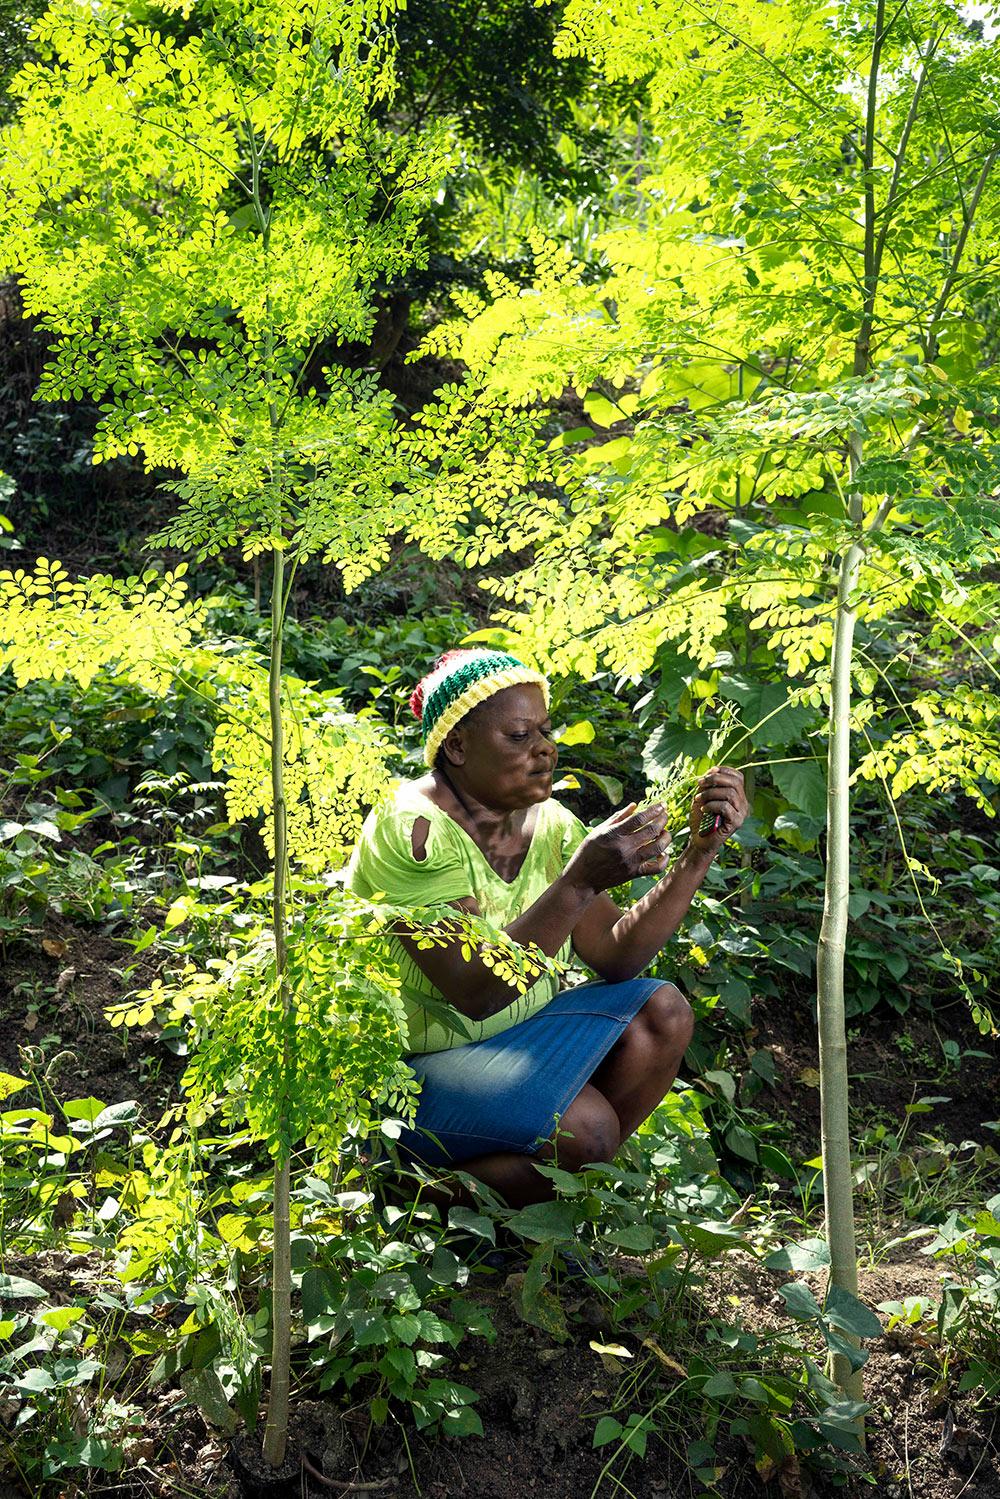 Bender pflanzt Bäume für eine nachhaltige Zukunft